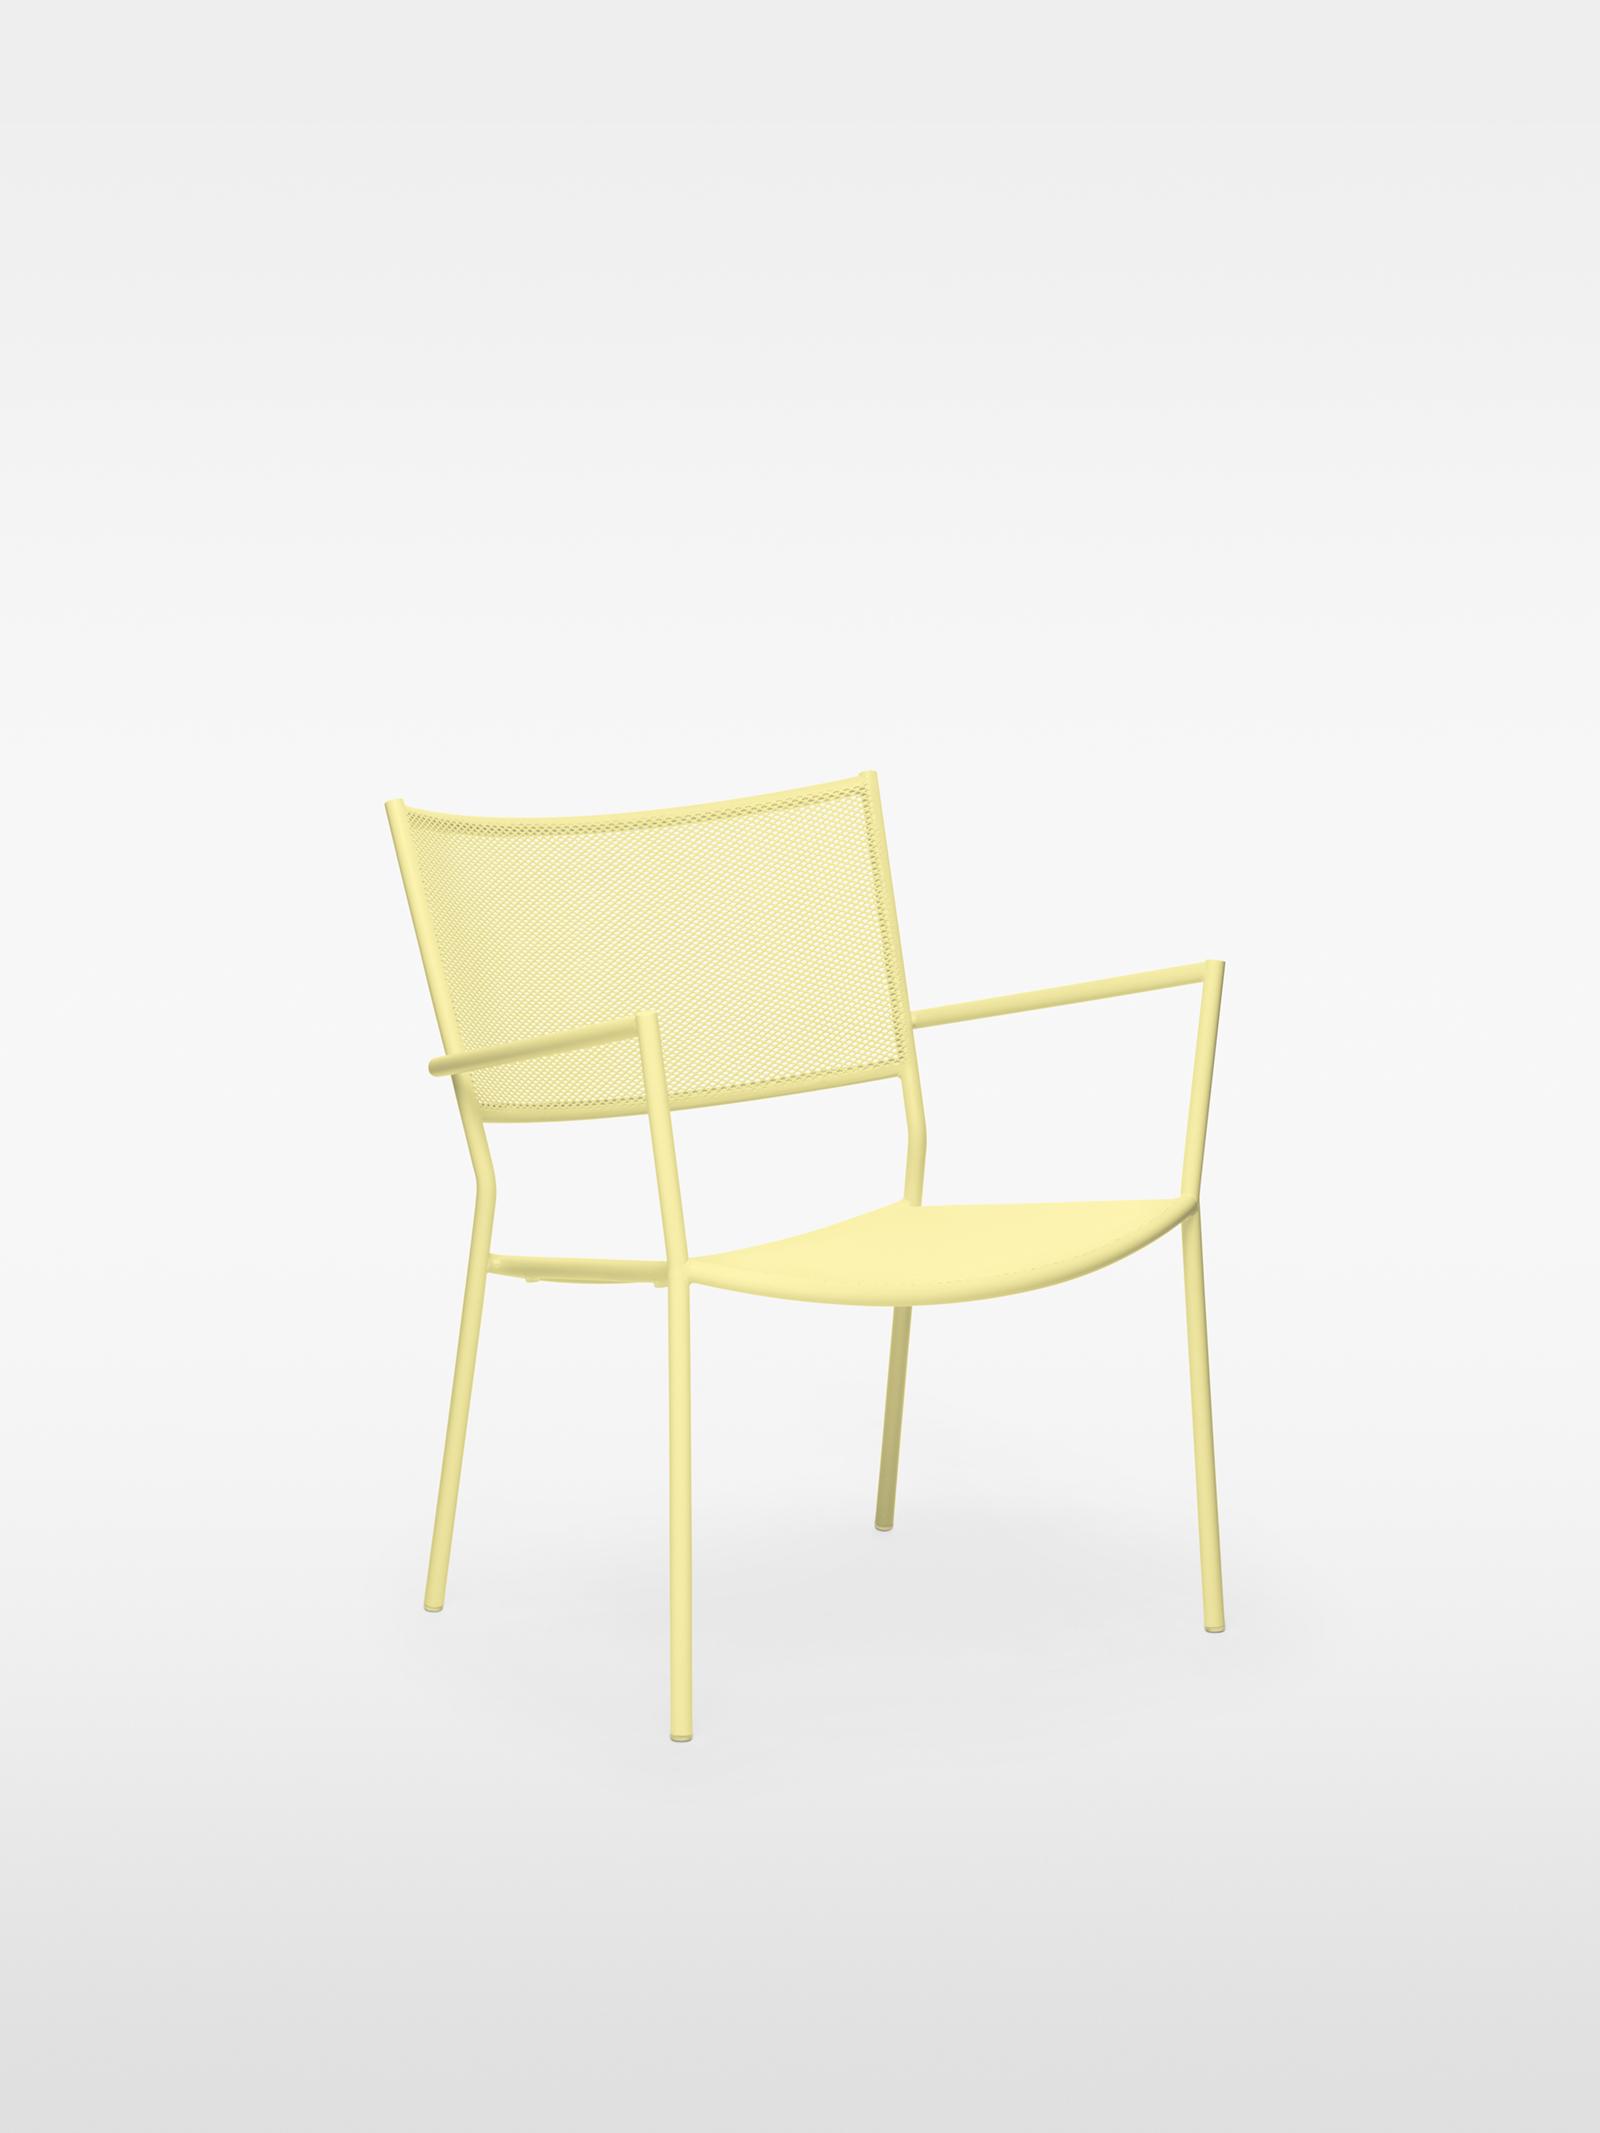 TinnappelMetz-massproductions-Jig-Easy-Chair-1